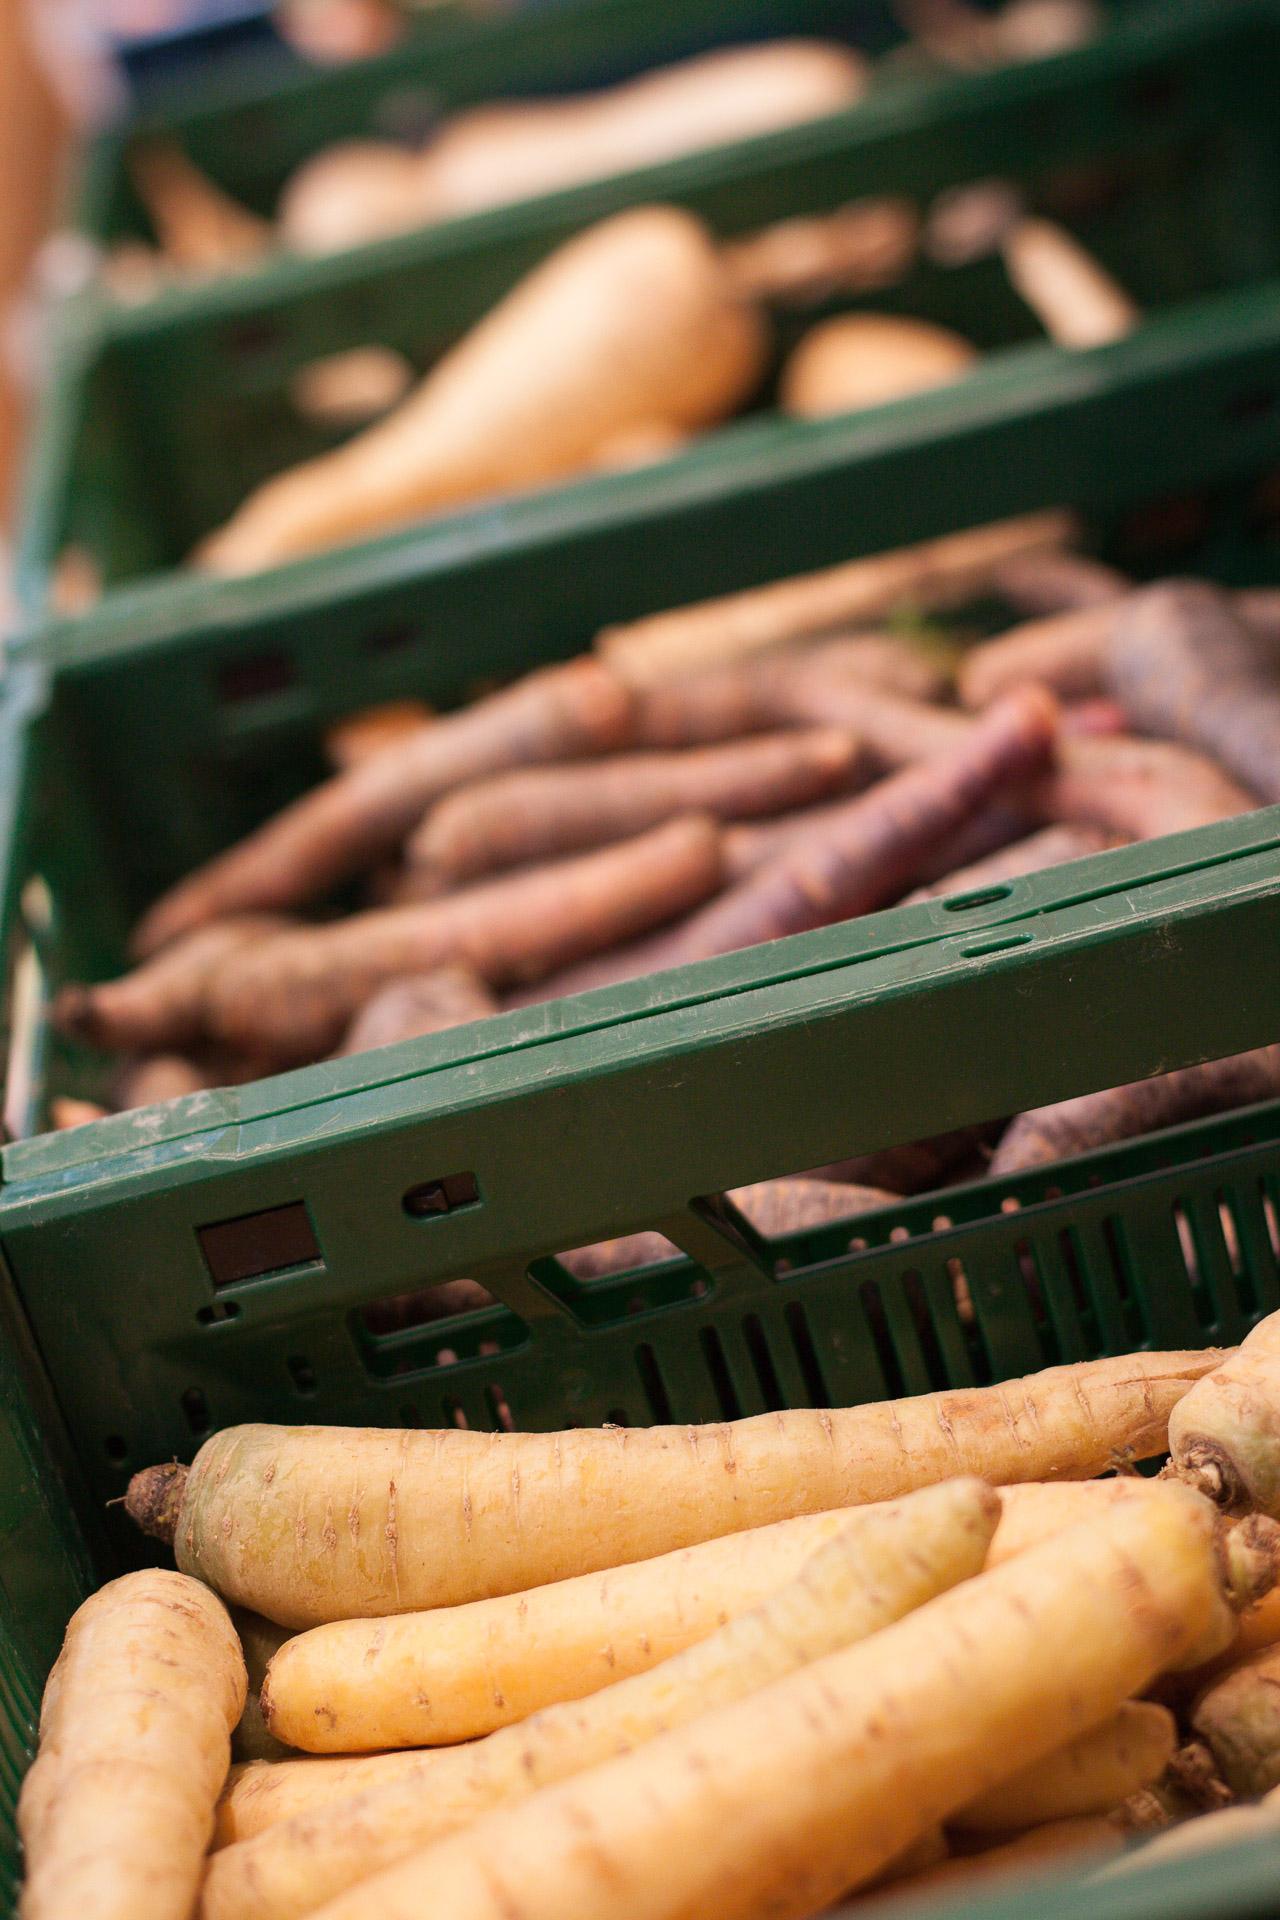 Seltene Sorten - alternative Lebensmittel - gesundes Gemüse